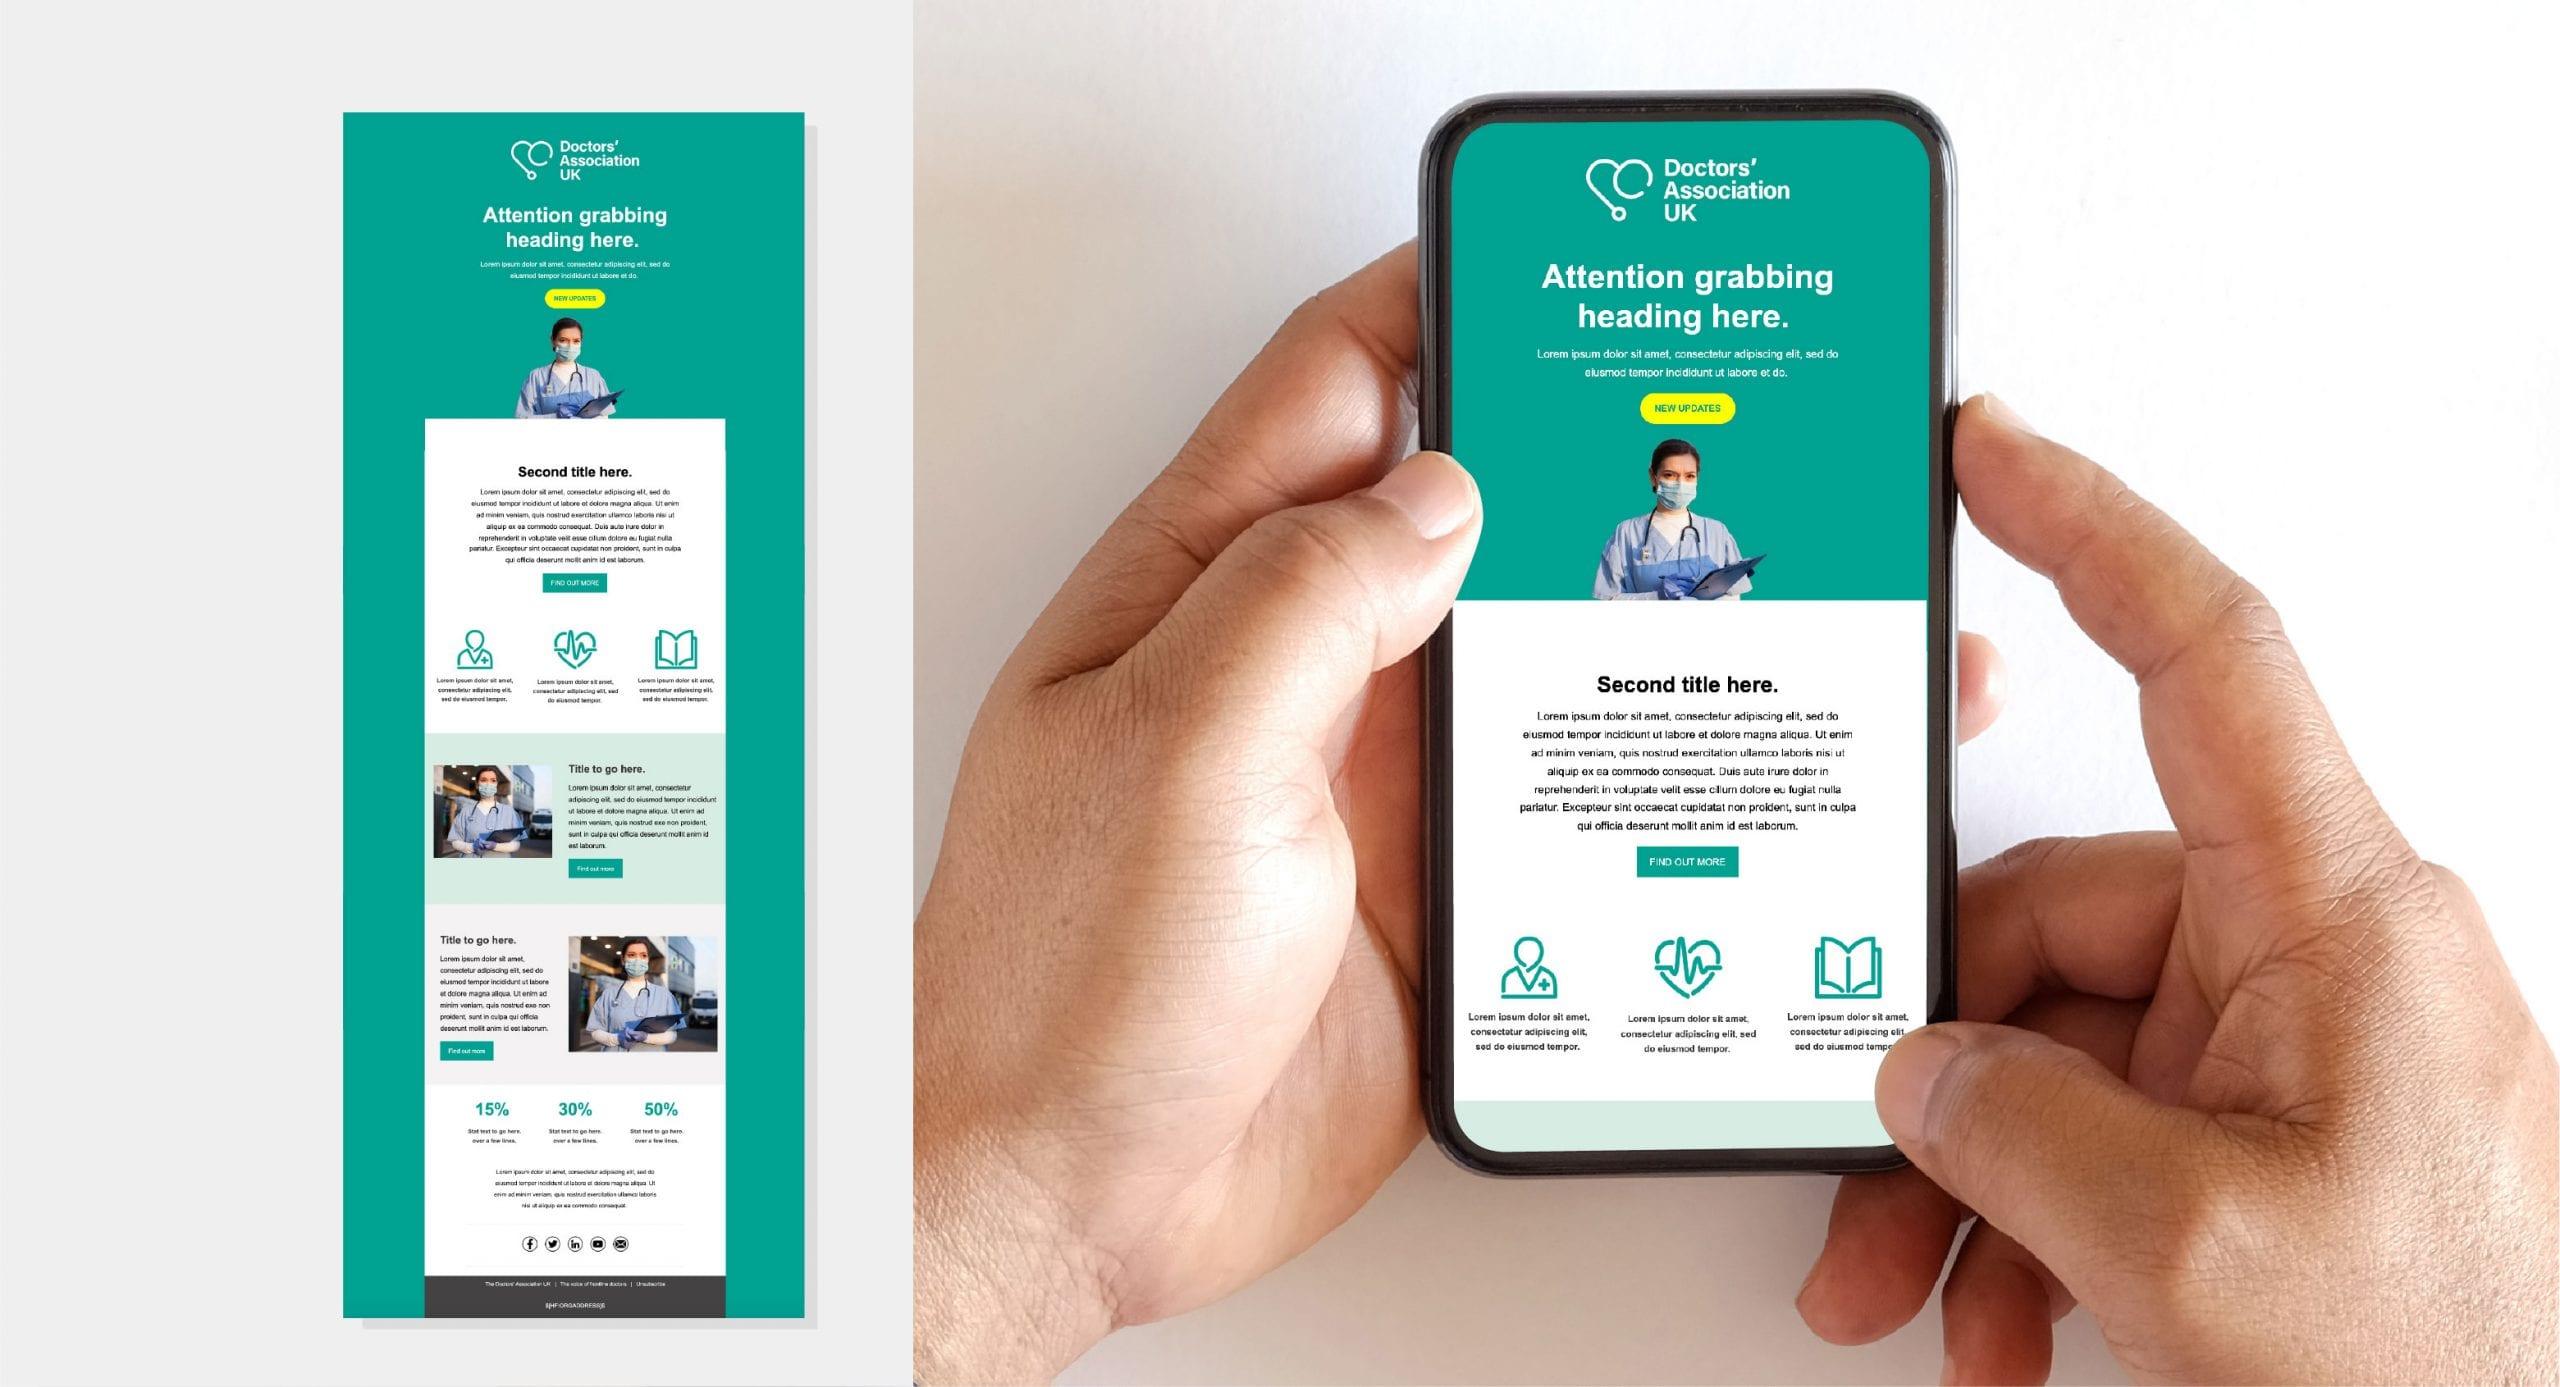 Doctors' Association UK Mobile Website design